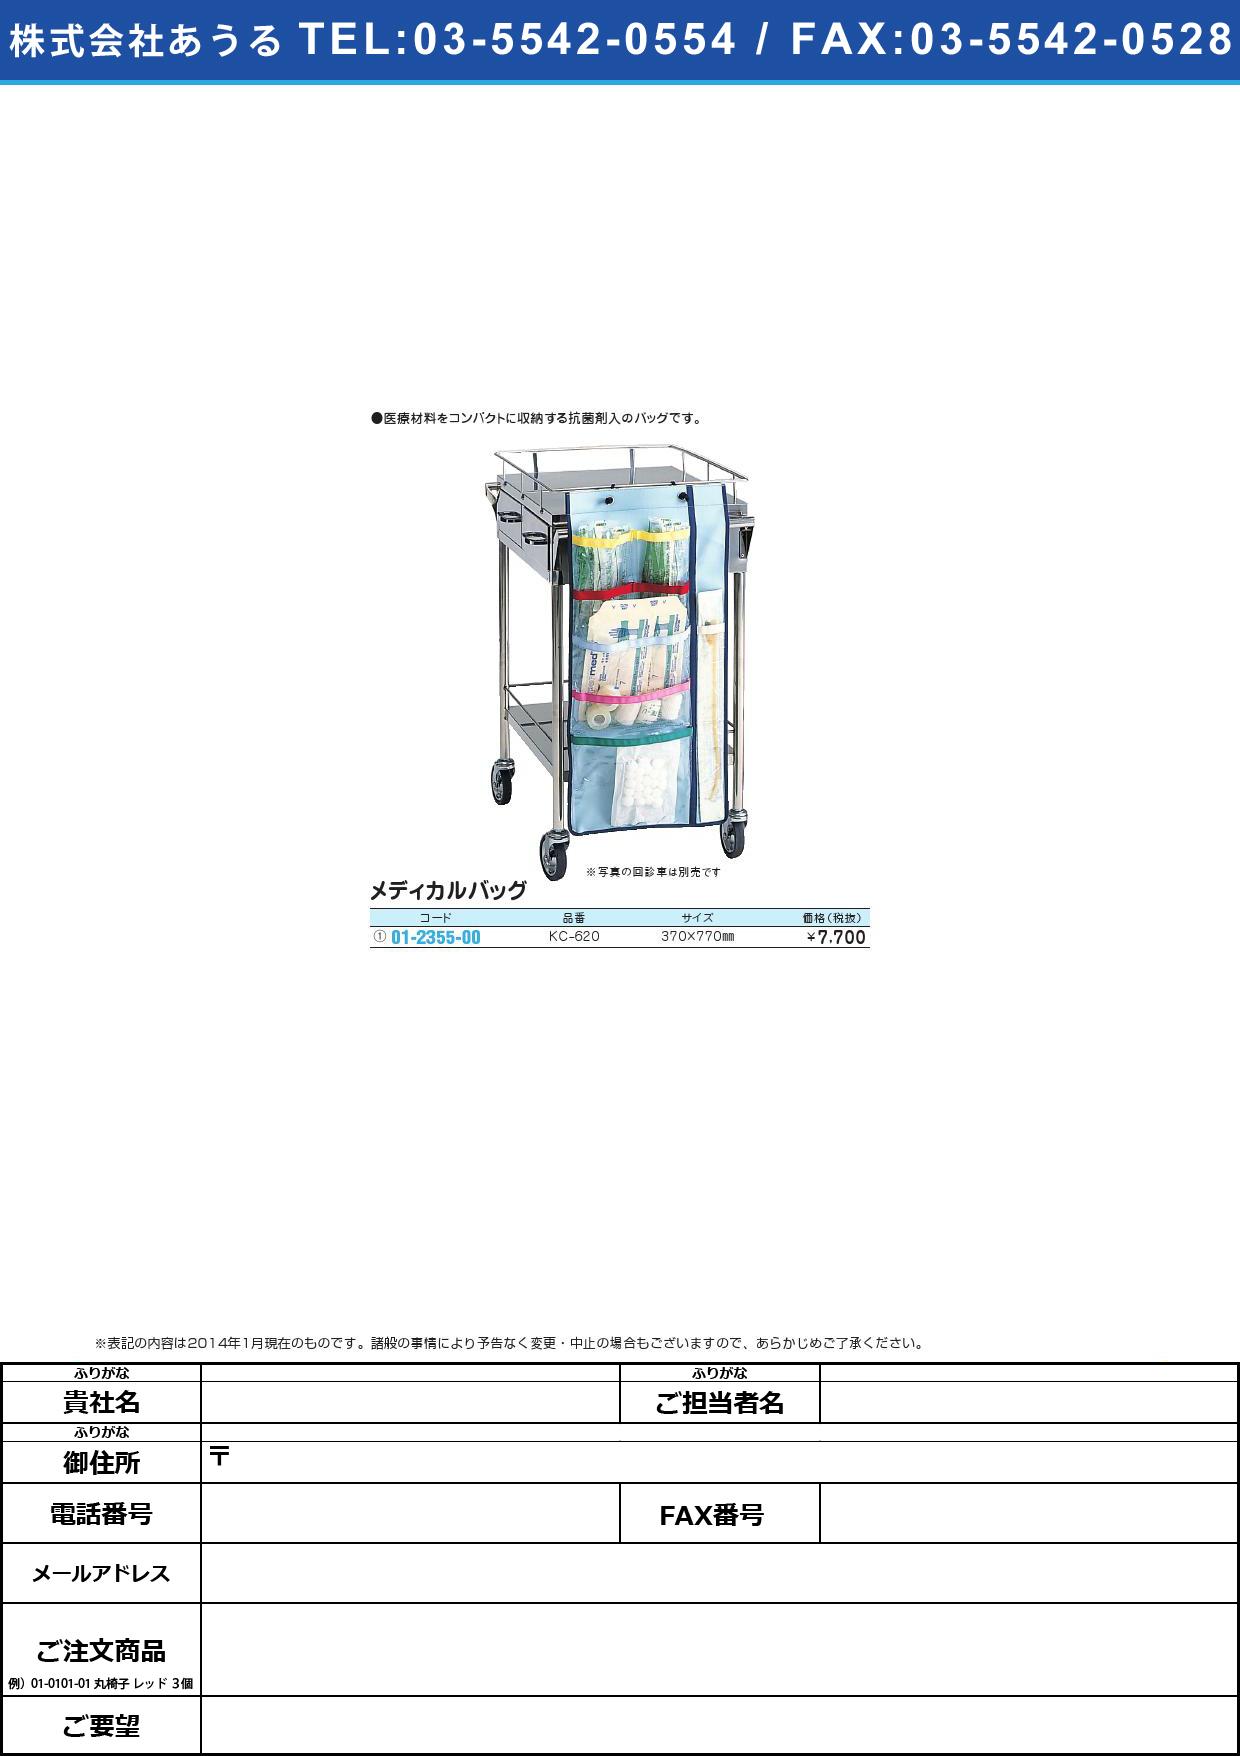 (01-2355-00)メディカルバッグ KC620(01-2355-00)KC-620(370X770MM)【1枚単位】【2014年カタログ商品】